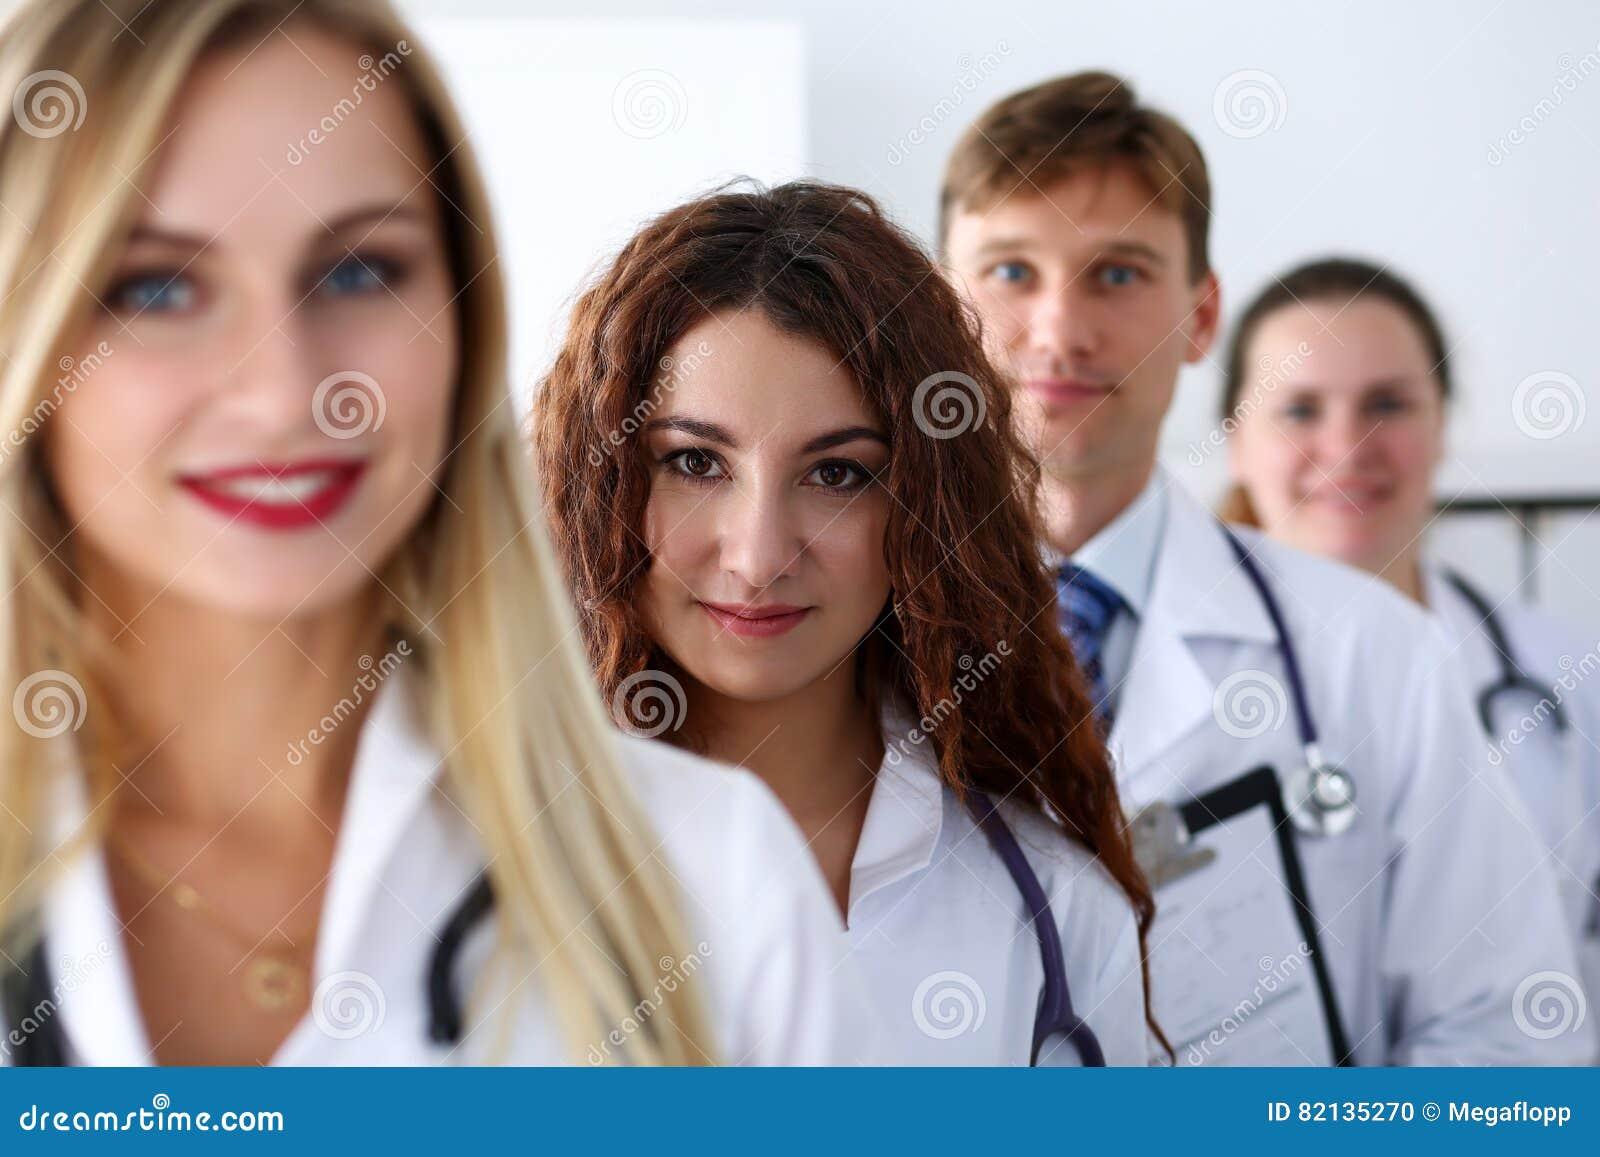 Grupp av läkare som poserar proudly i rad och in camera ser smil